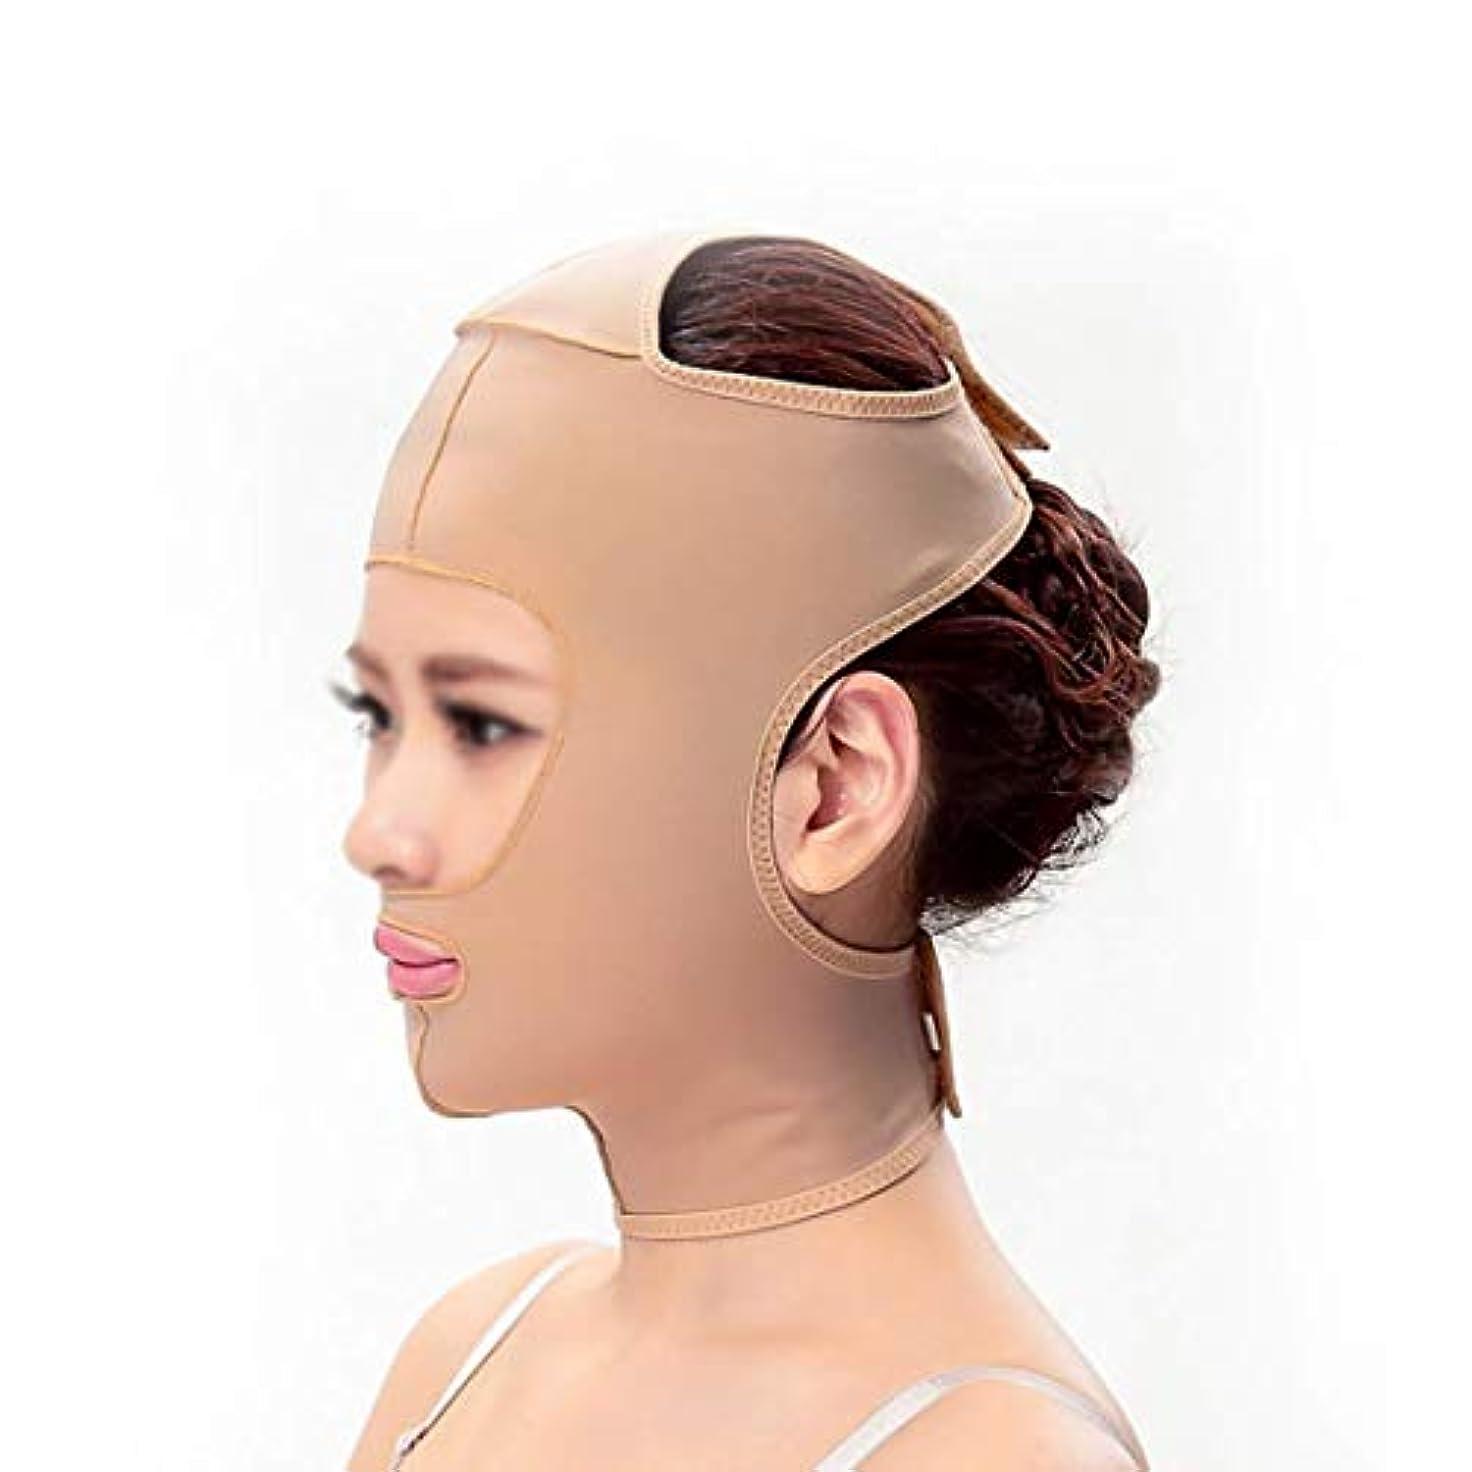 伝記挑むはずスリミングベルト、二重あごの引き締め顔面プラスチックフェイスアーティファクト強力なフェイスバンデージをサイズアップするために顔面マスクシンフェイスマスク,S